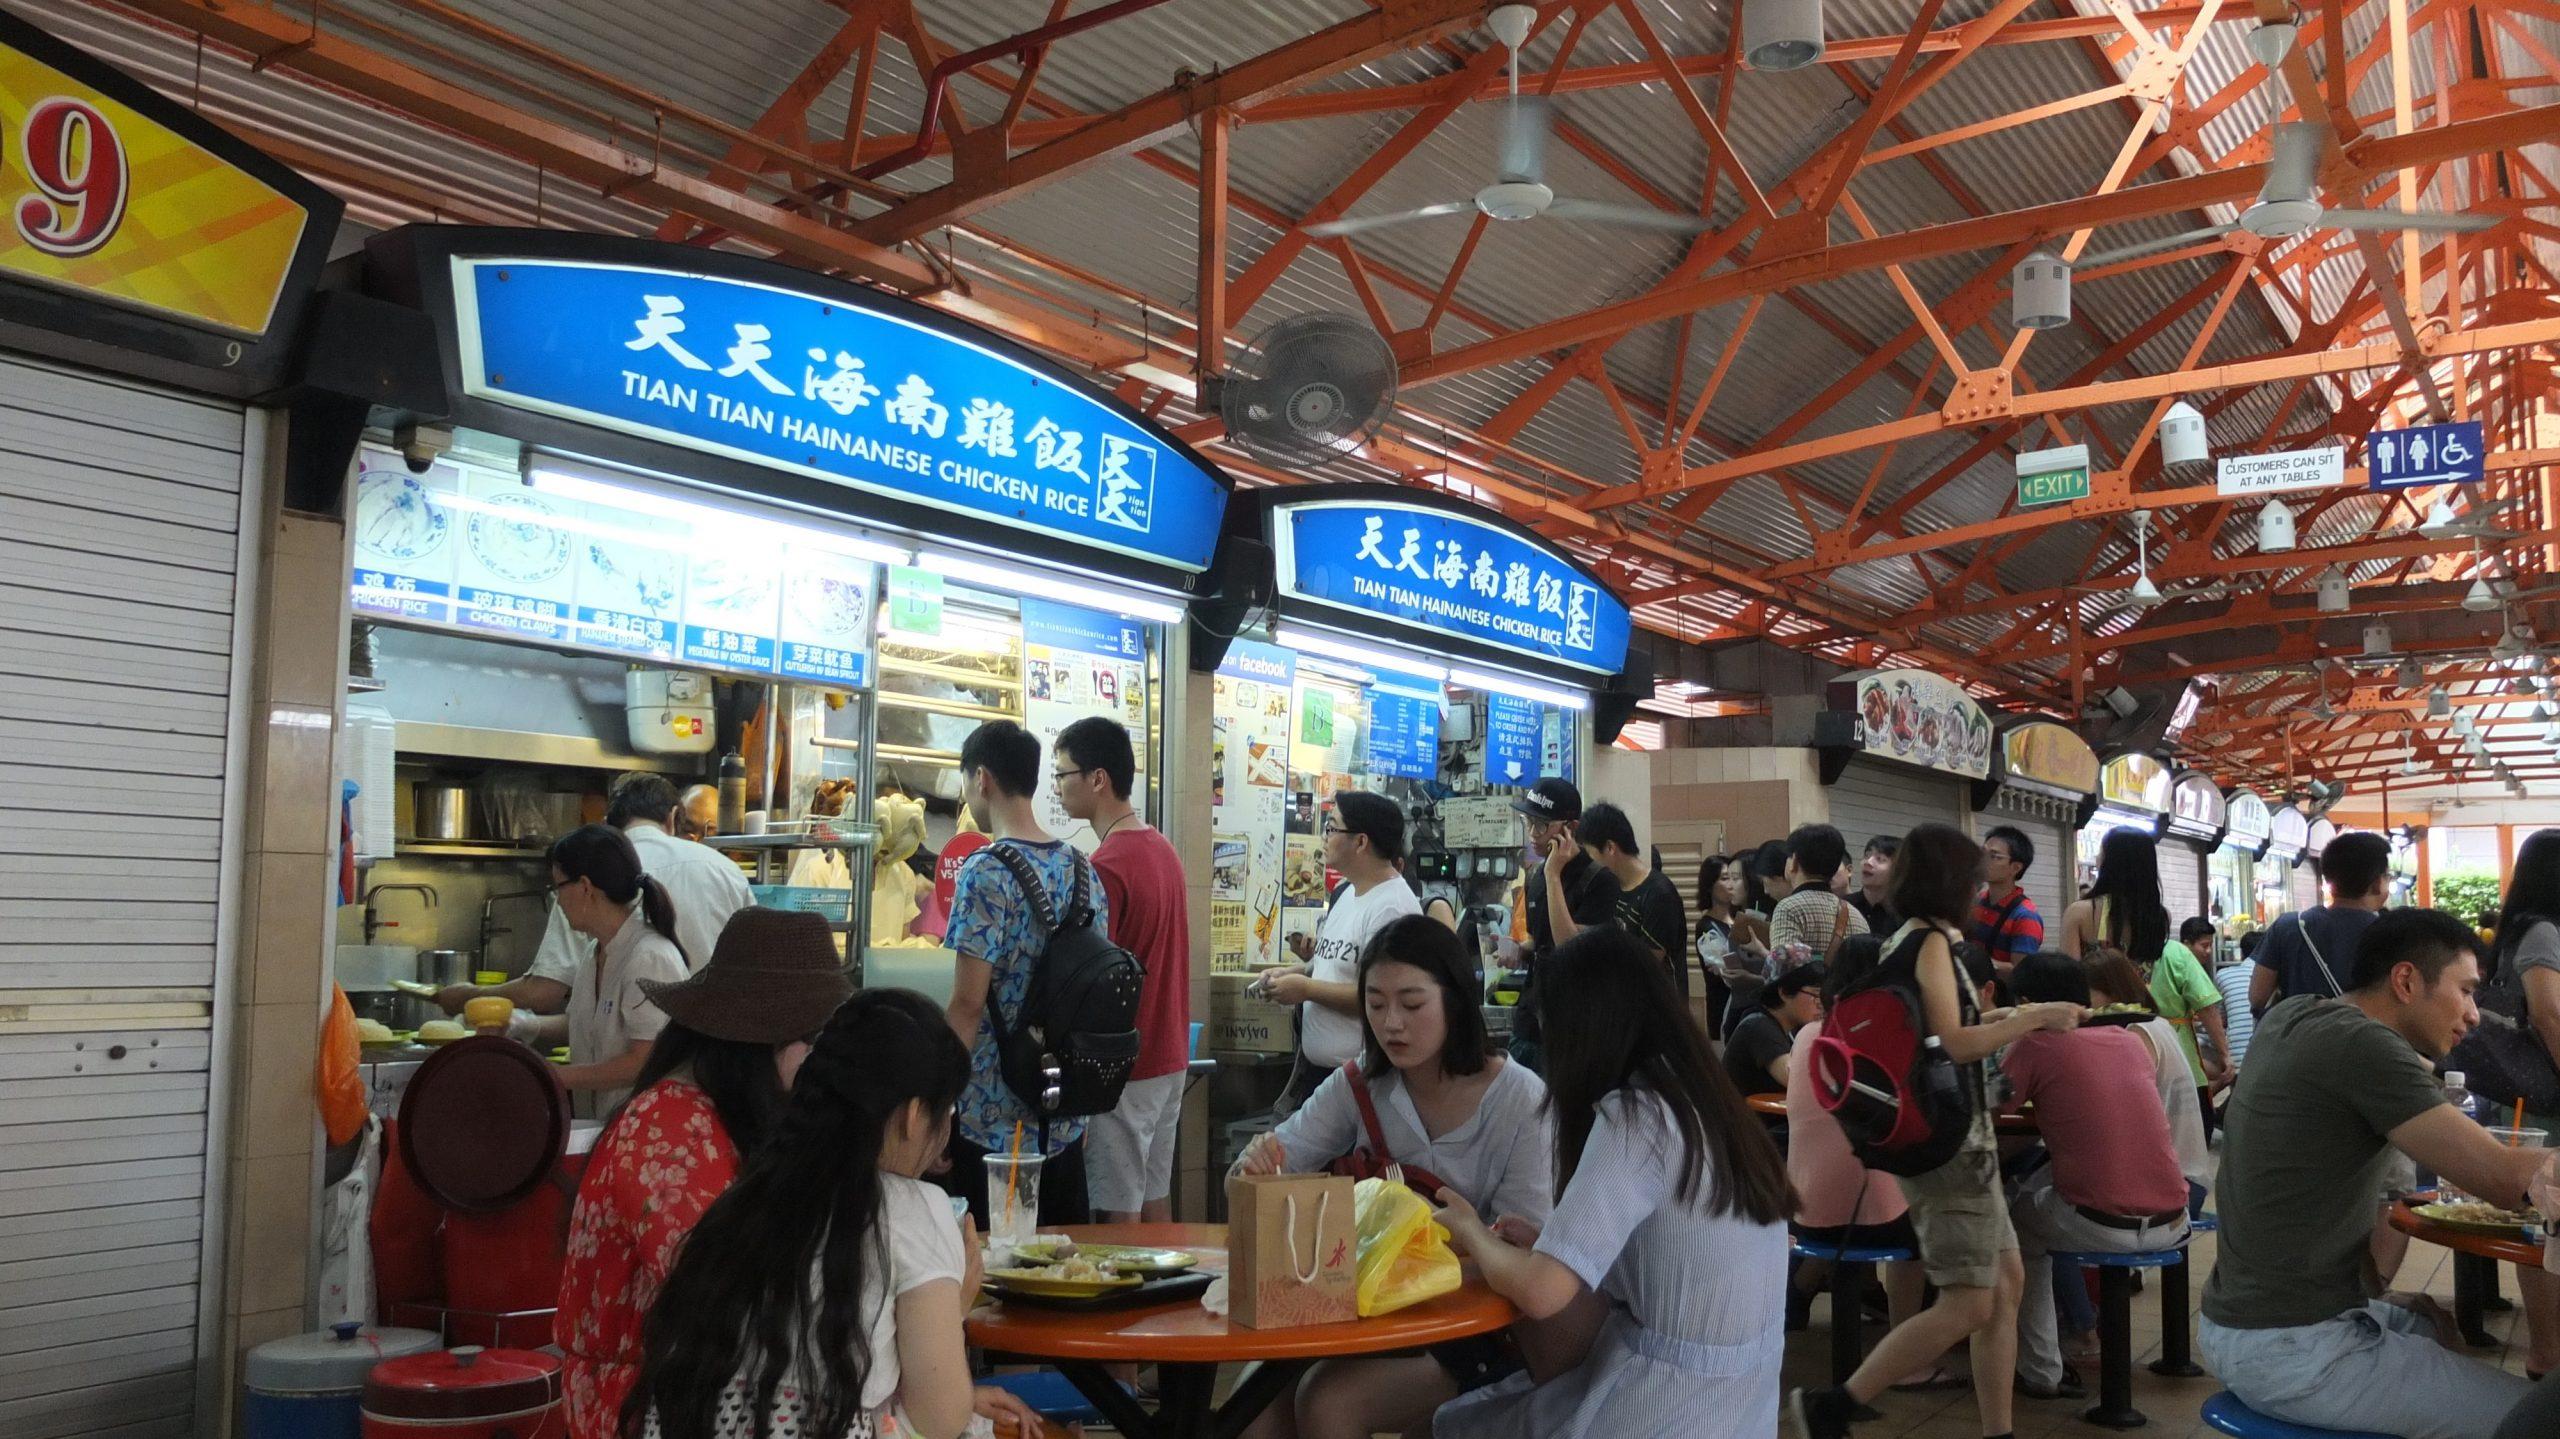 [新加坡] 天天海南雞飯:熟食中心裡米其林推薦的人氣雞飯